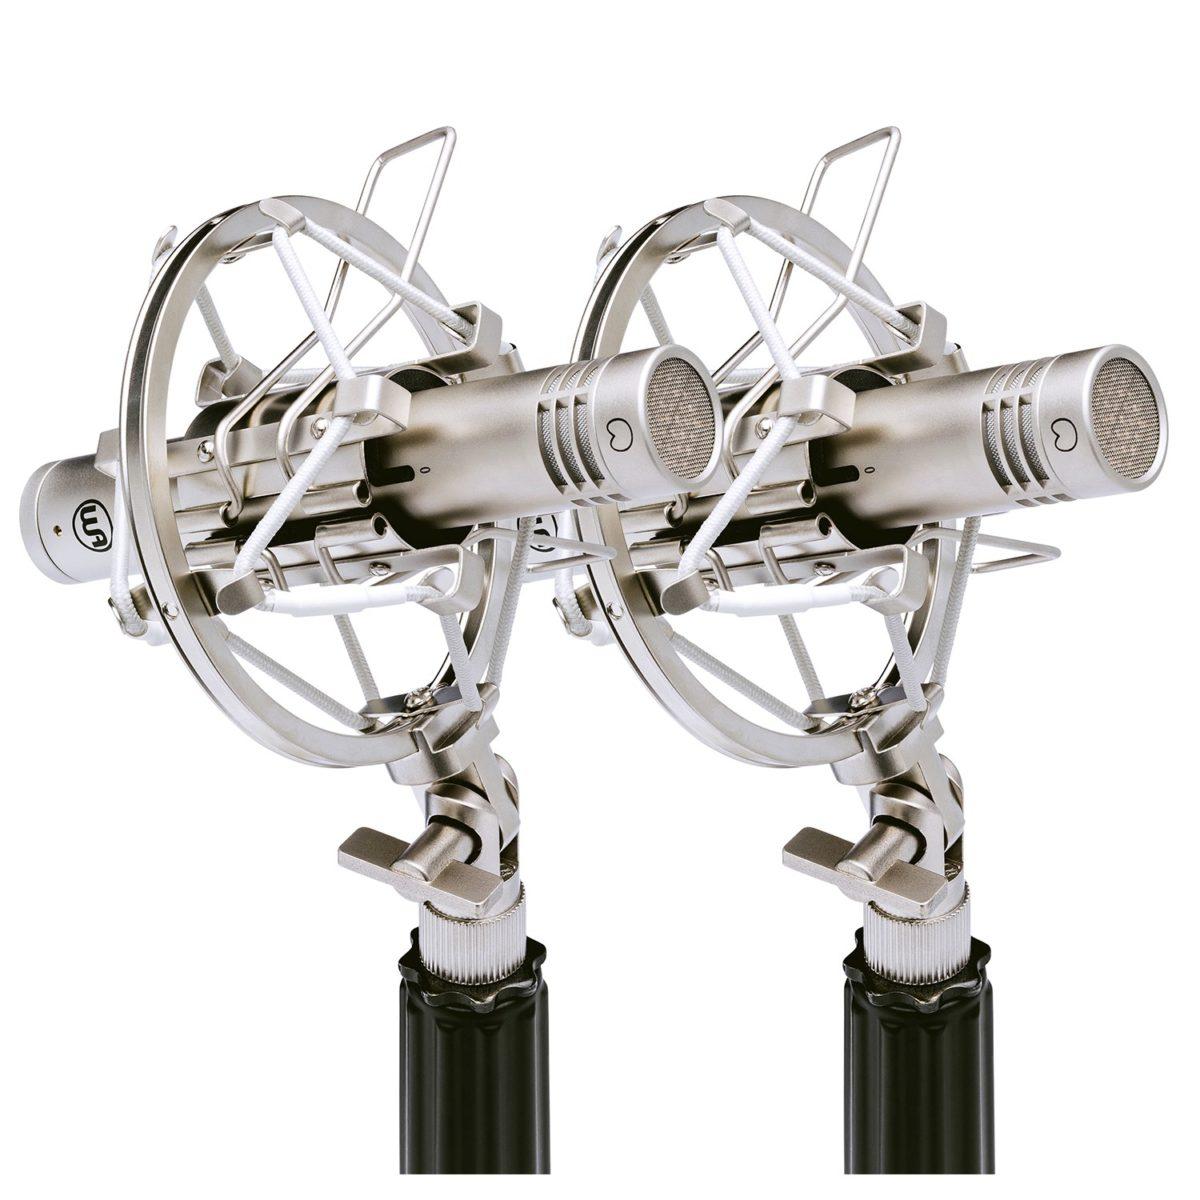 ไมค์อัดเสียง ยี่ห้อ Warm Audio รุ่น WA-84 Stereo Pair